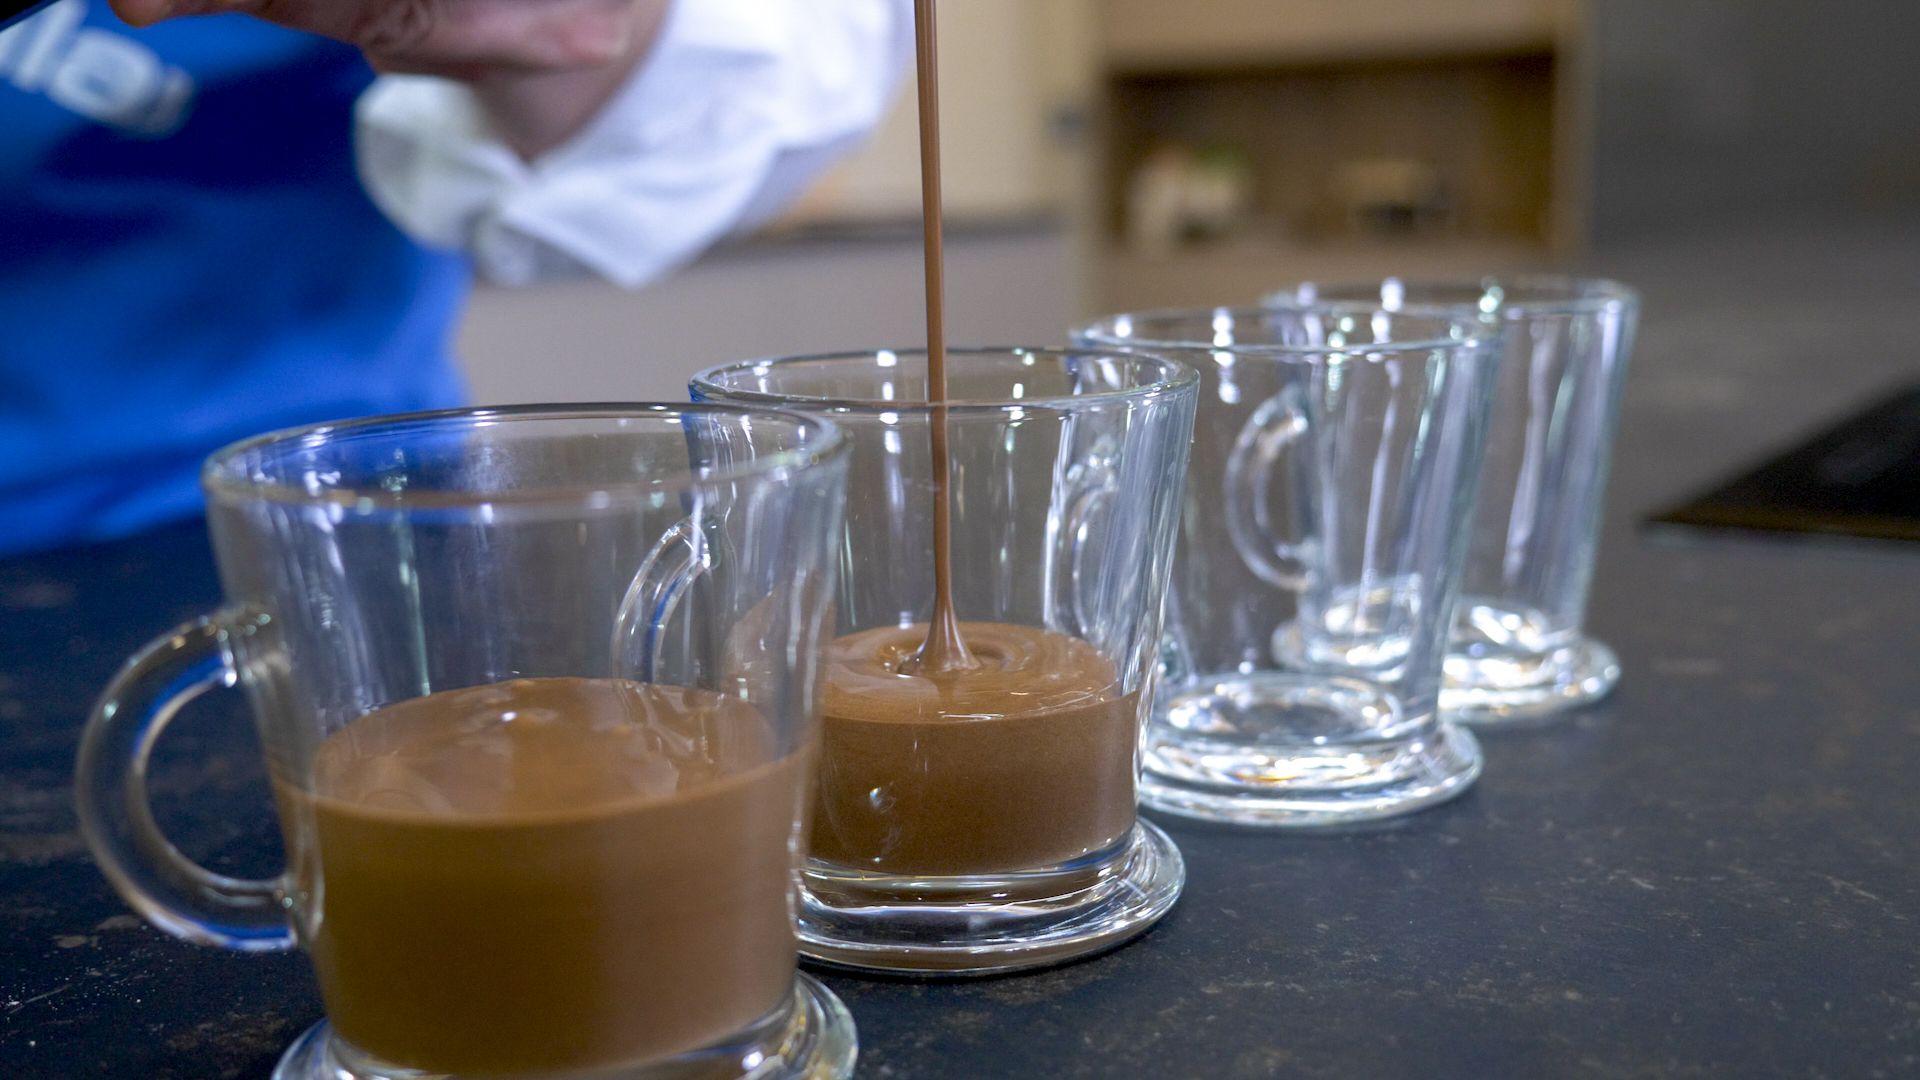 Vierte la mezcla en los vasitos para microondas